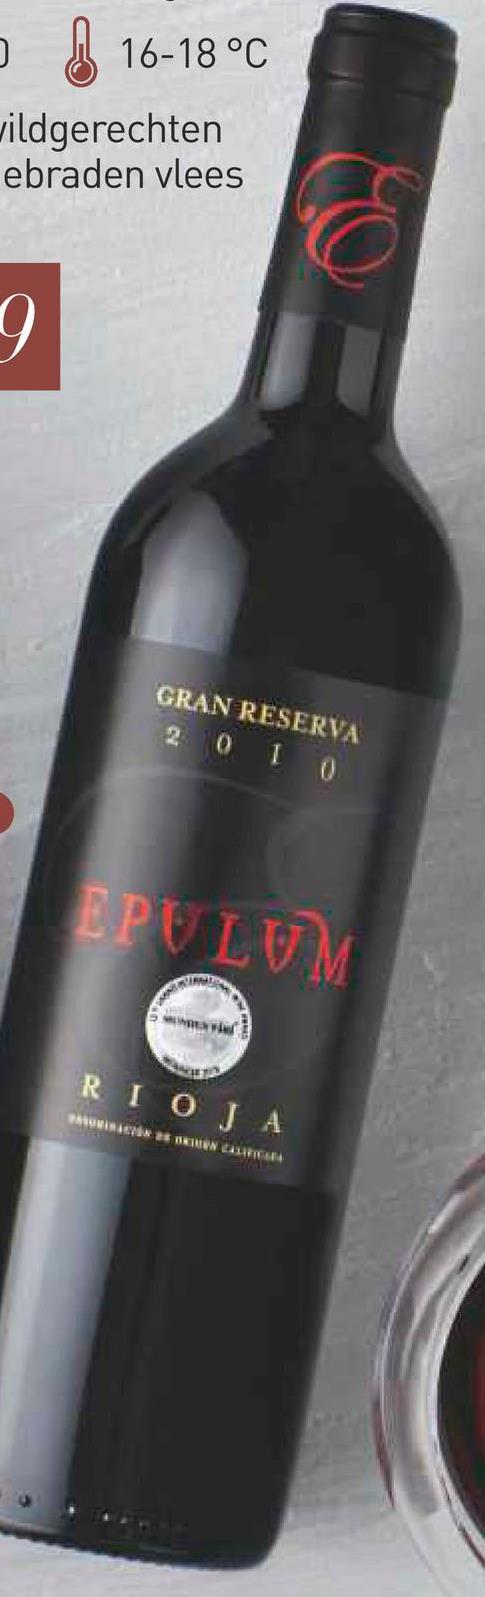 16-18 °C wildgerechten ebraden vlees GRAN RESERVA 2 0 1 0 EPULUM RIOJA PASOVANIE ** IN CAREER